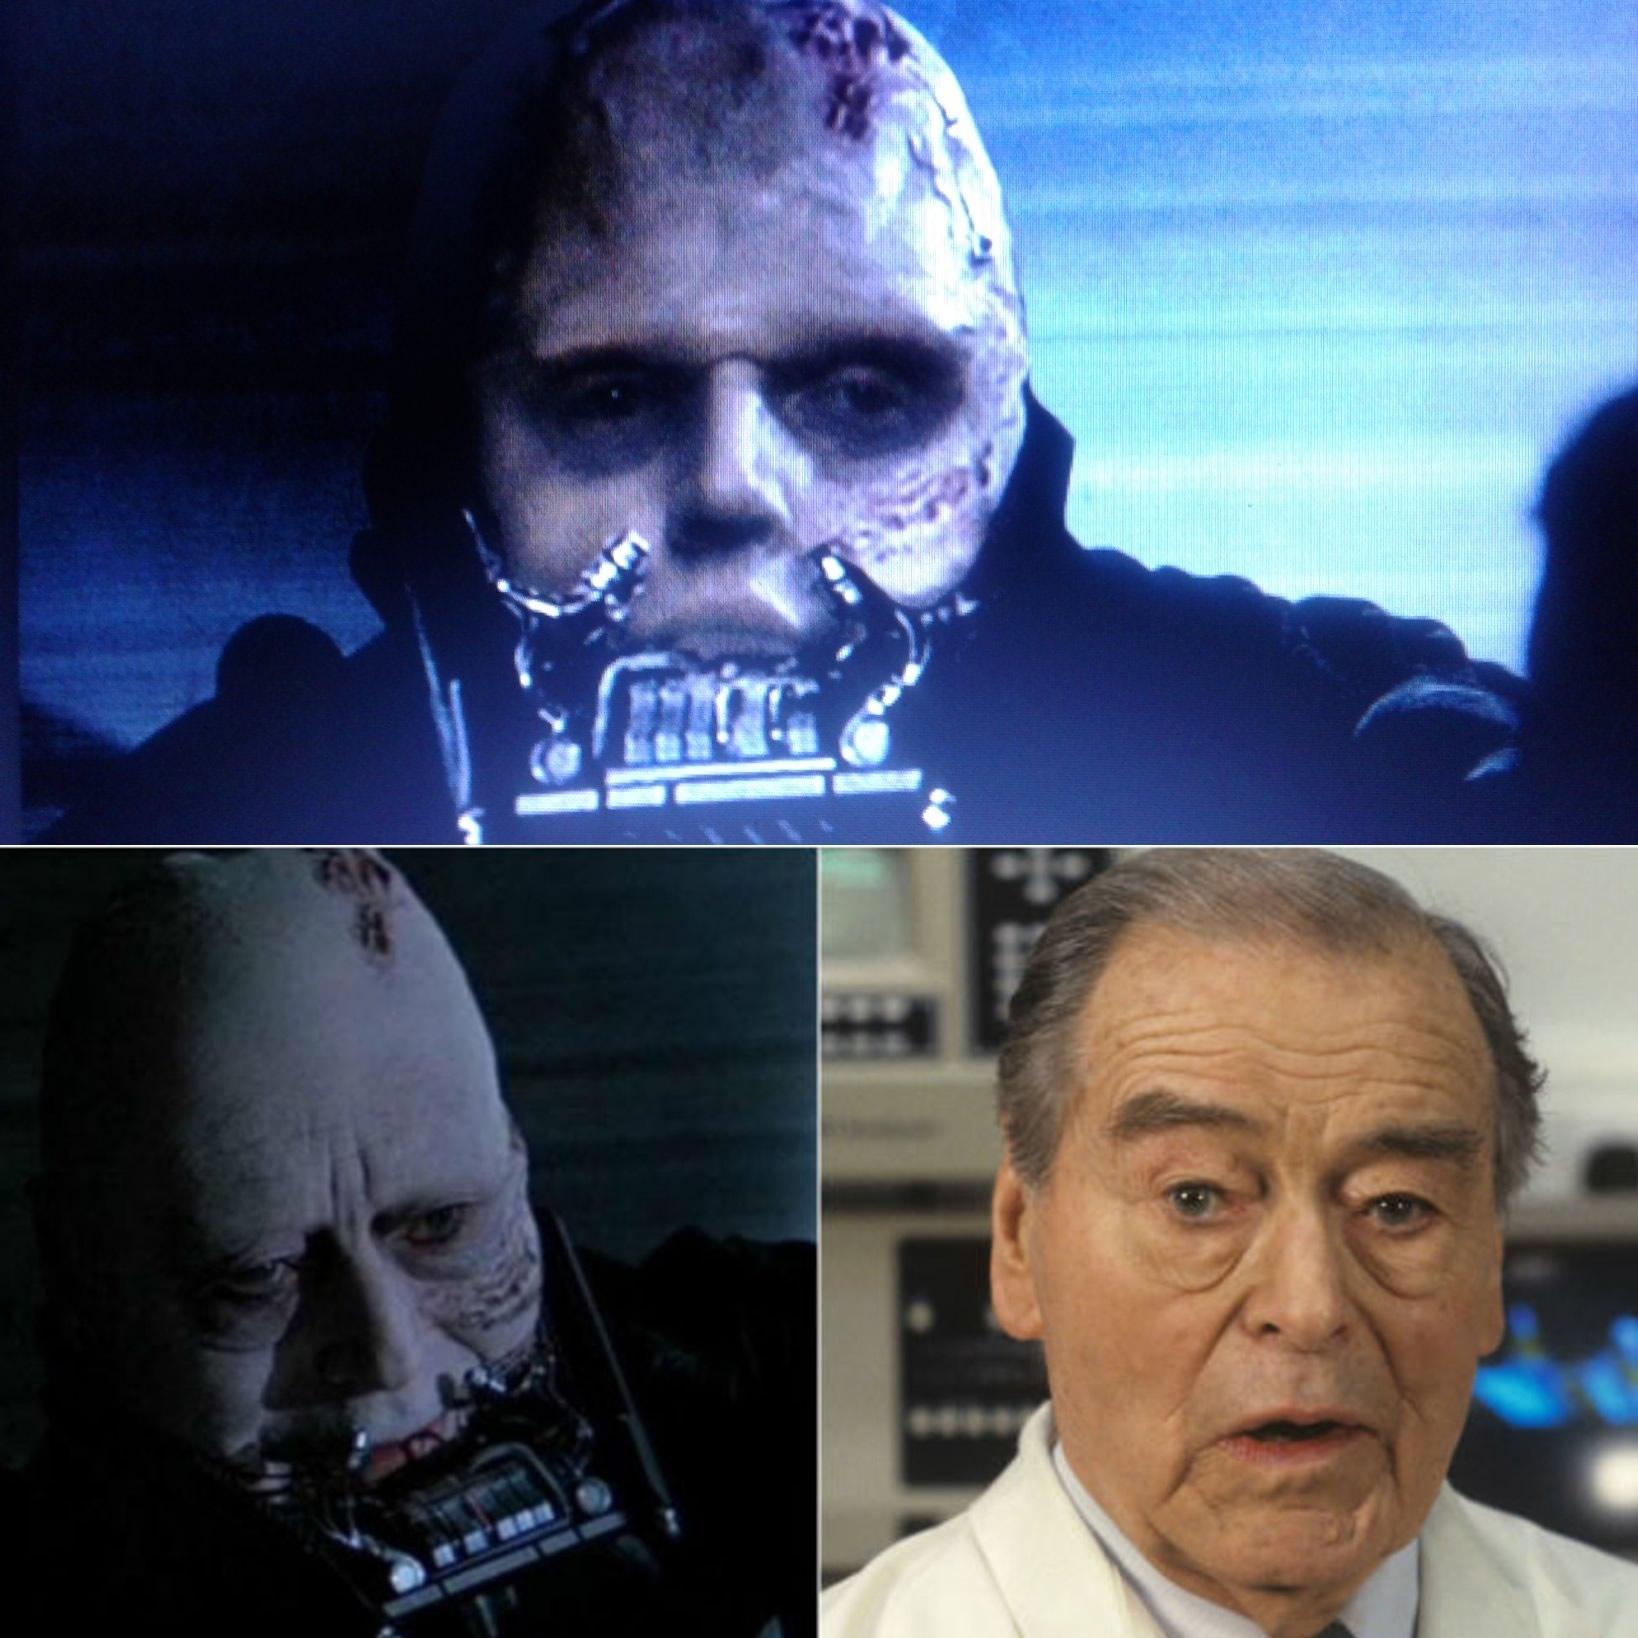 A FACE REVELADA DE DARTH VADER EM O RETORNO DE JEDI rosto substituido pelo do ator Sebastian Shaw